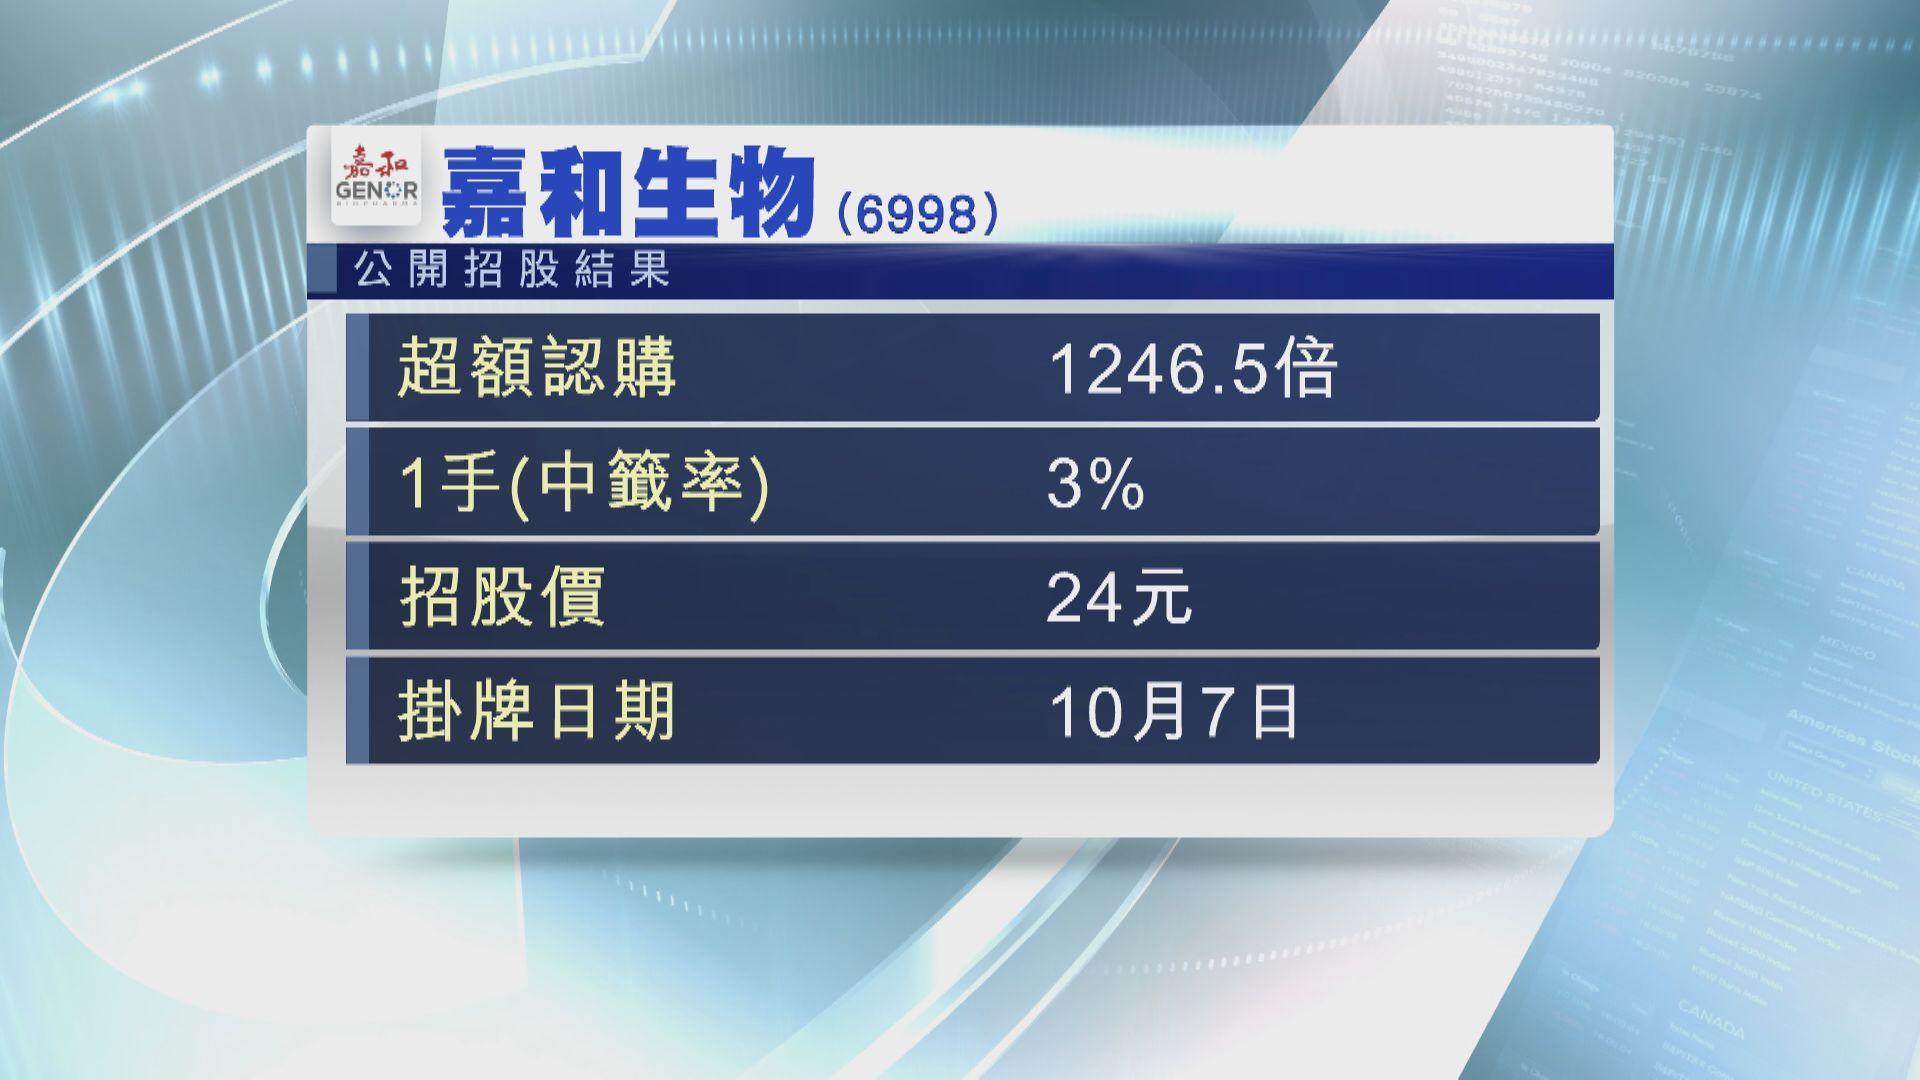 嘉和生物成生科股新股凍資王 一手中籤僅3%